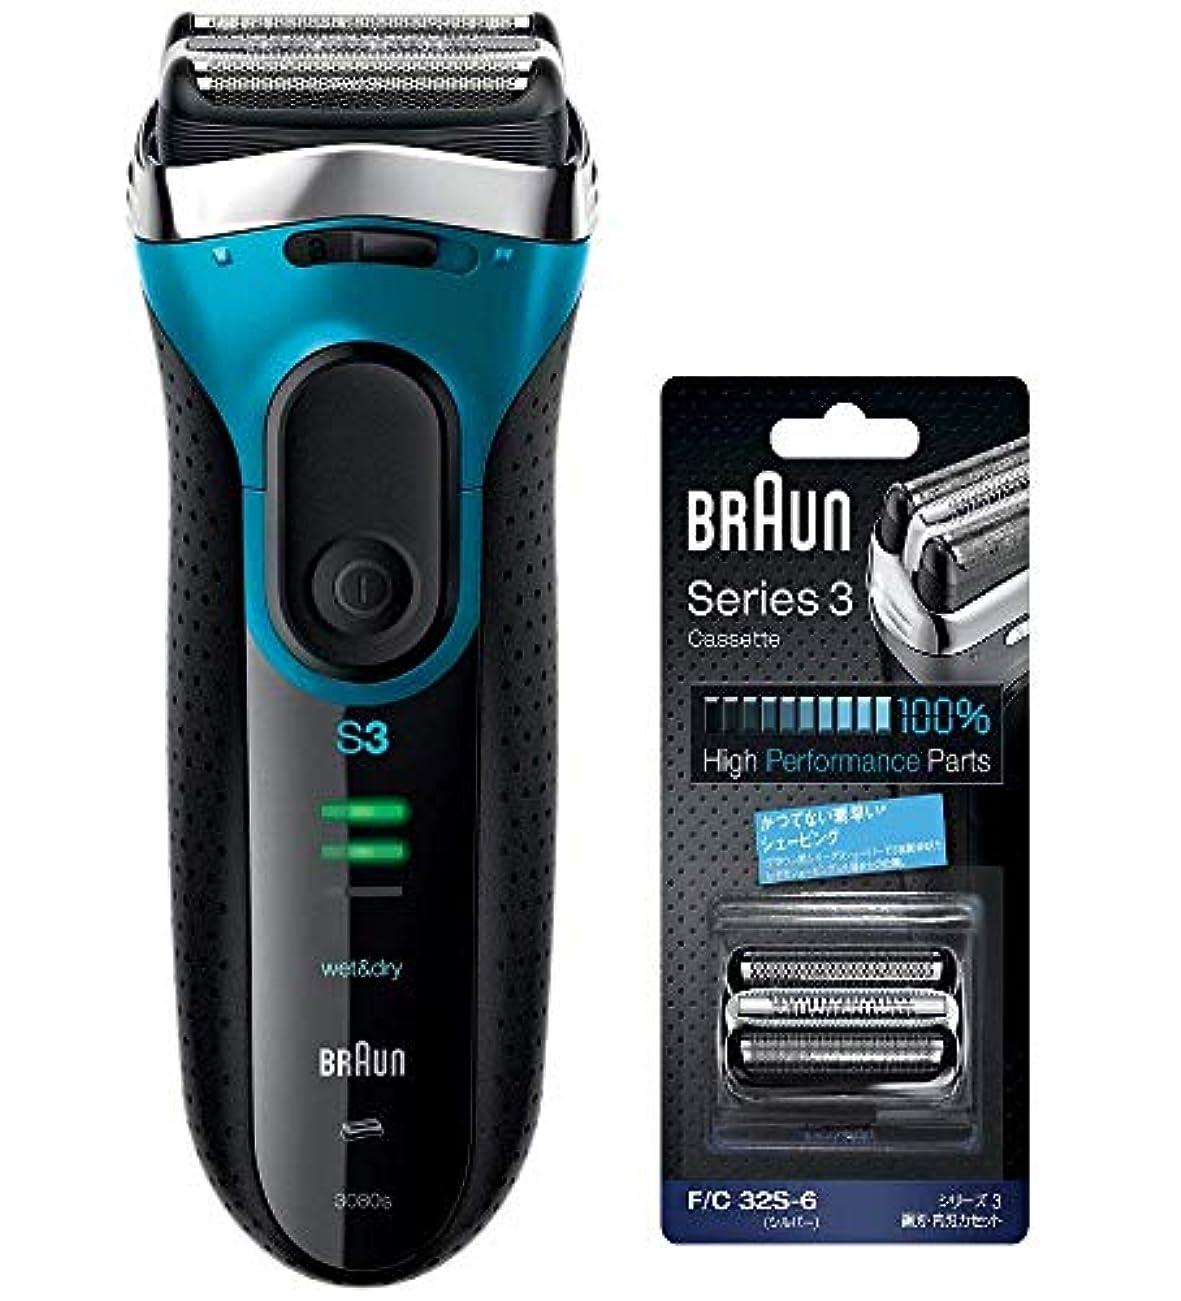 いつ自分コンパニオンブラウン メンズ電気シェーバー シリーズ3 交換用替刃付 3080S-B-SET 3枚刃 水洗い/お風呂剃り可 ブルー